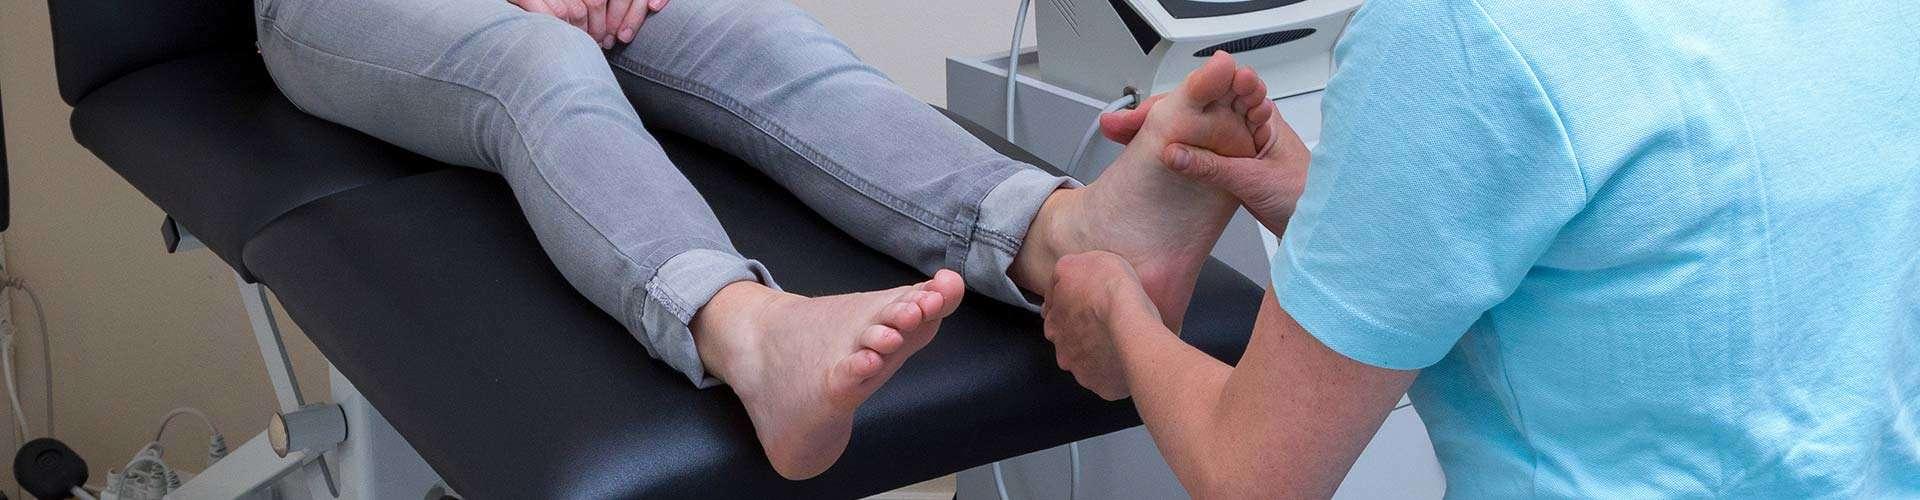 Specialisaties - Podotherapie Bakel Venray